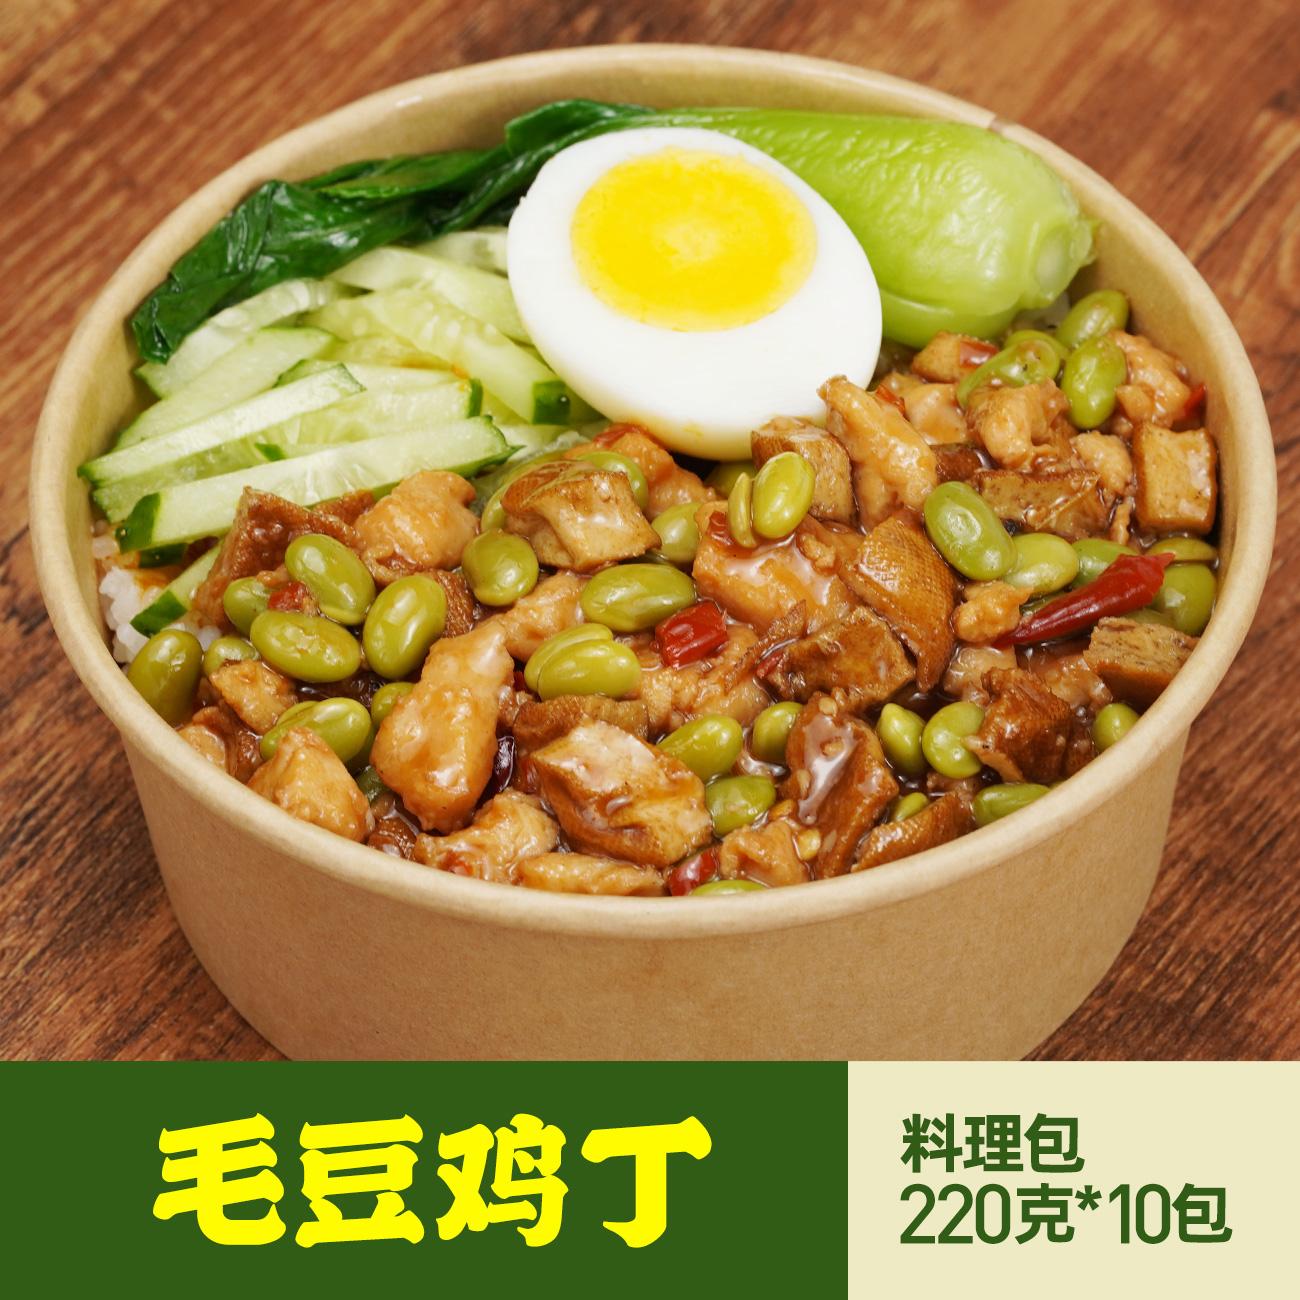 毛豆鸡丁220g10包冷冻盖浇饭面卤速食方便菜料理包半成品快餐外卖